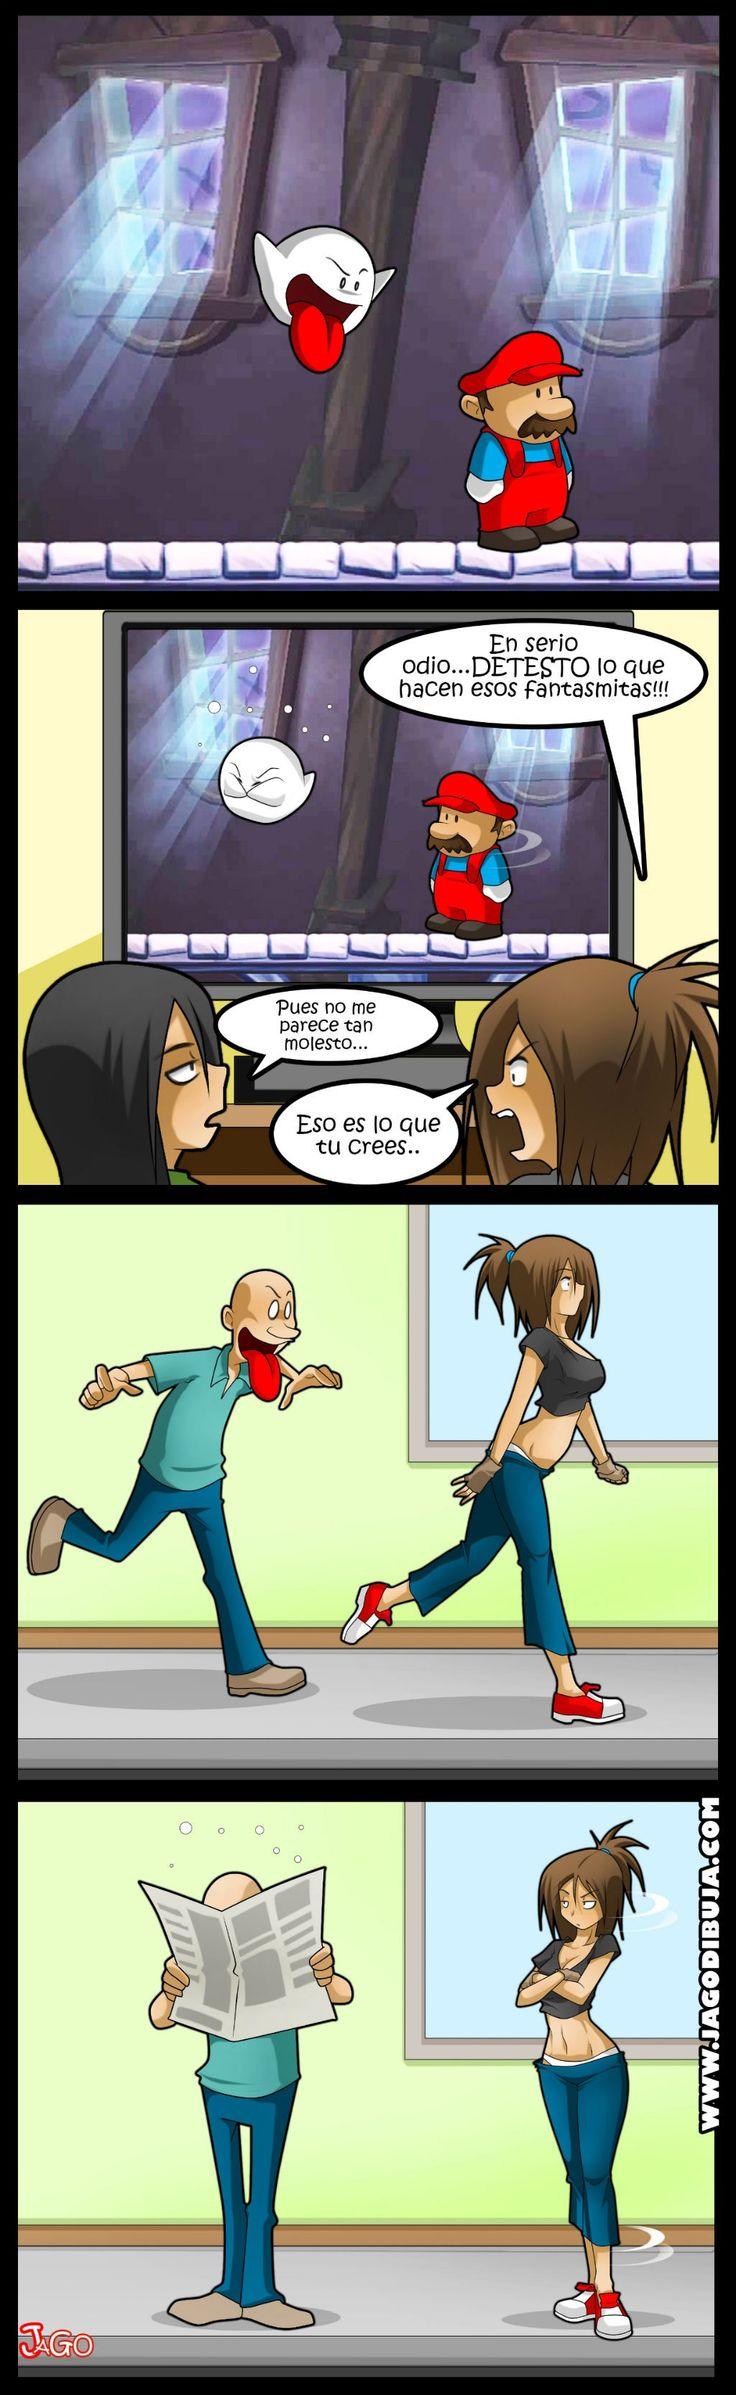 Algunos villanos de los videojuegos son expertos en el arte del troleo. Más webcomics en www.jagodibuja.com.